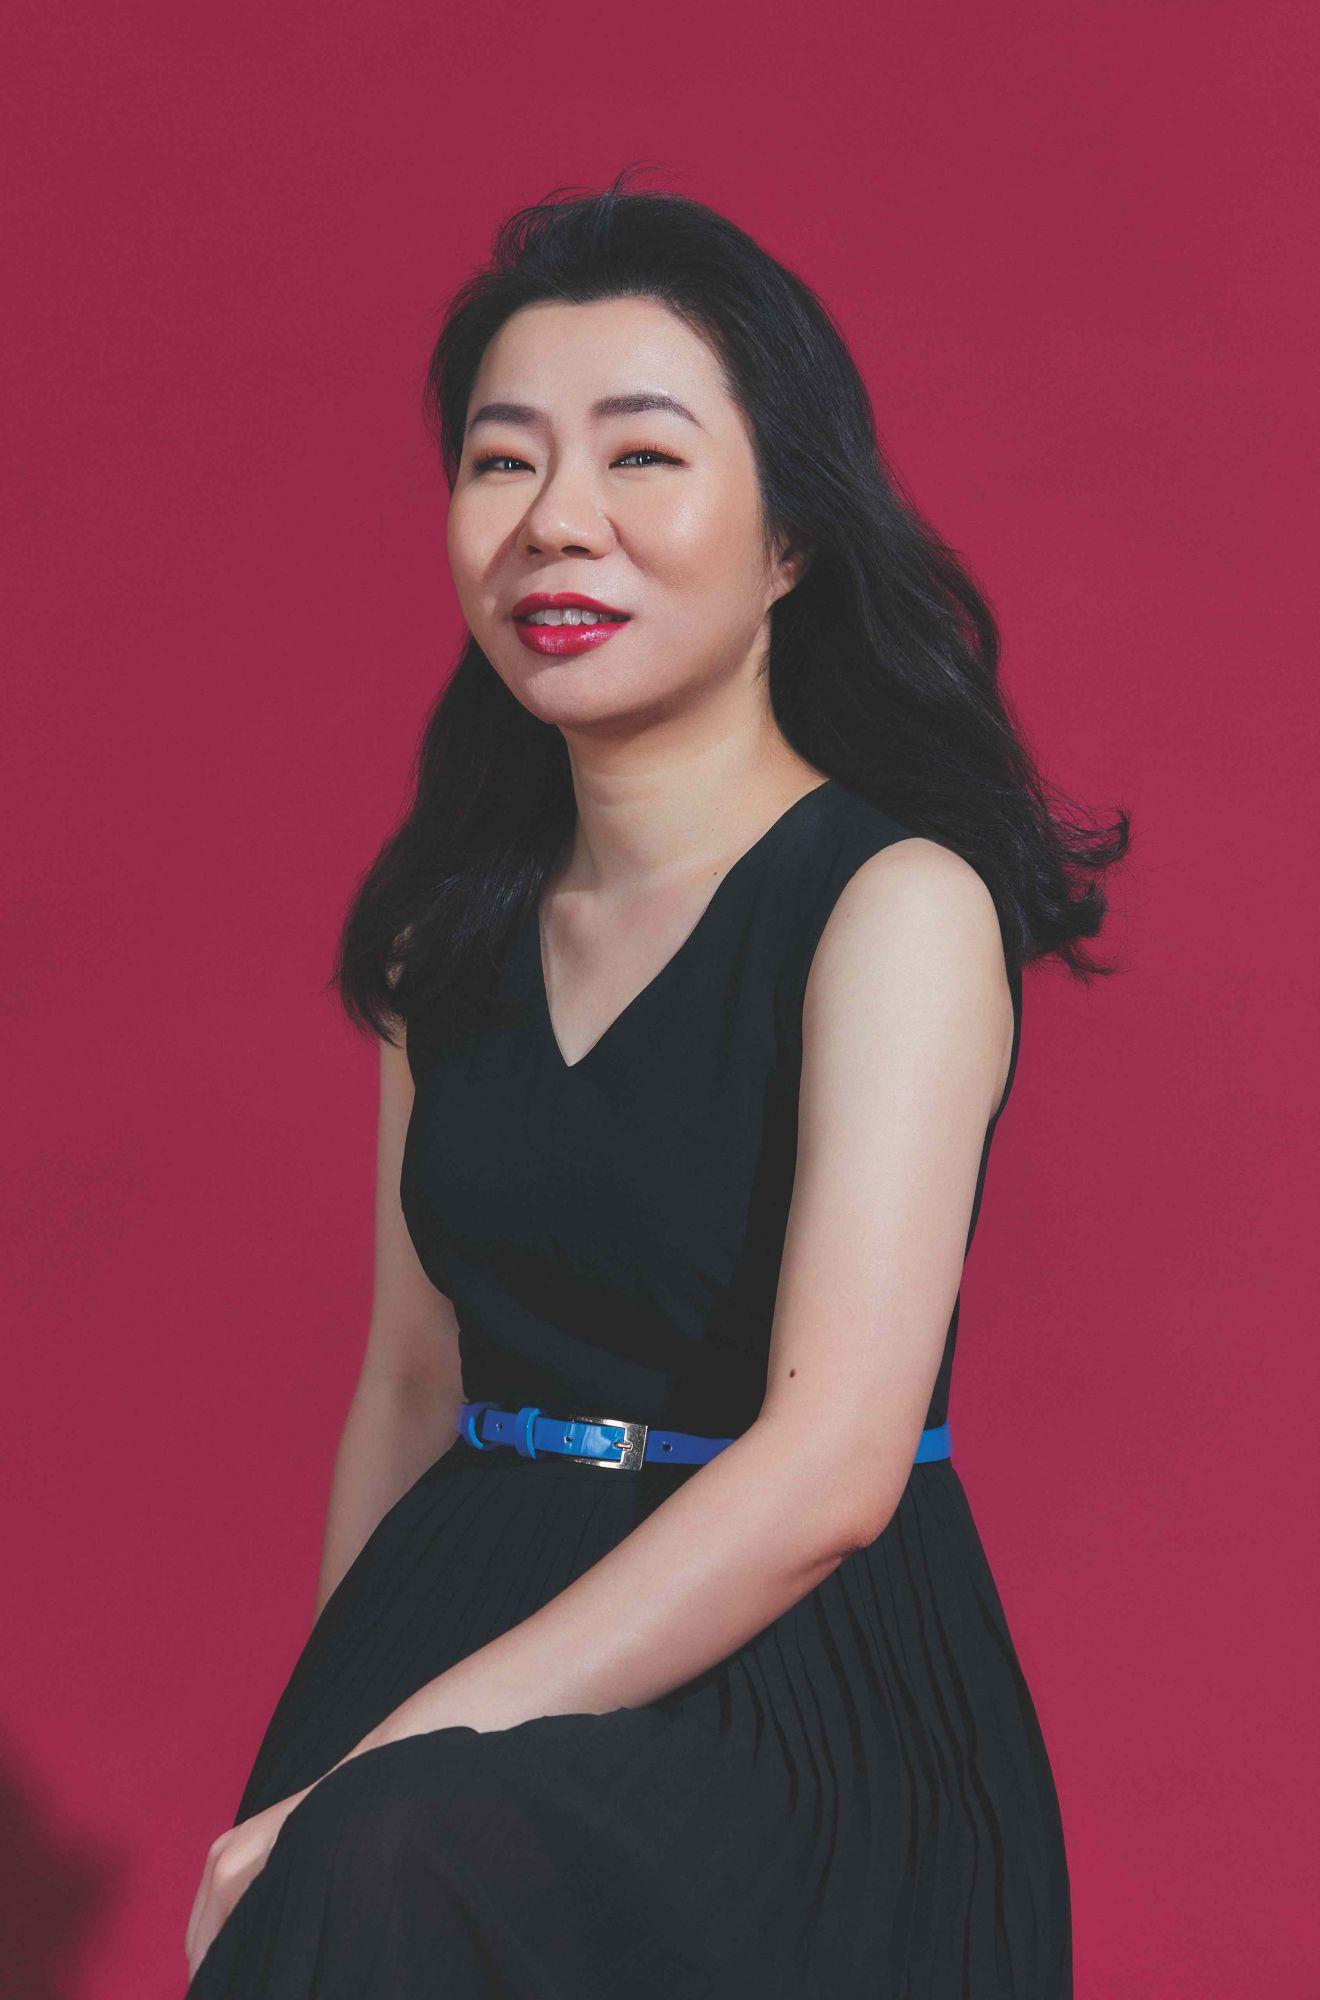 Shao Huilin